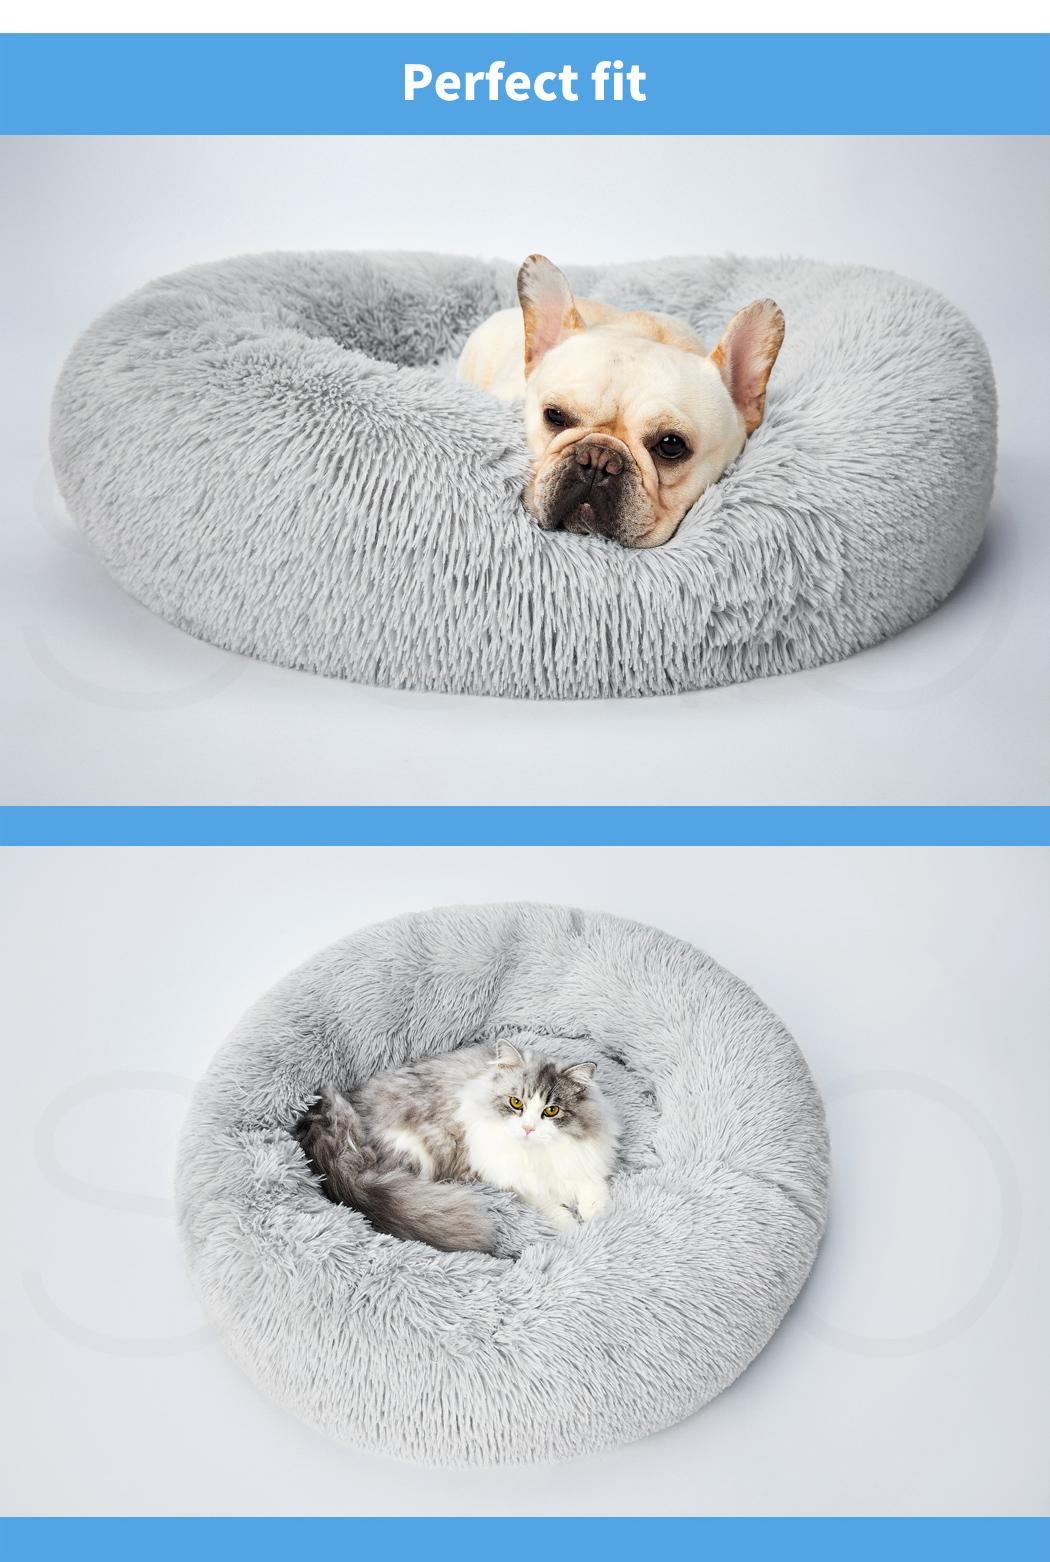 thumbnail 173 - PaWz Pet Bed Cat Dog Donut Nest Calming Mat Soft Plush Kennel Cave Deep Sleeping